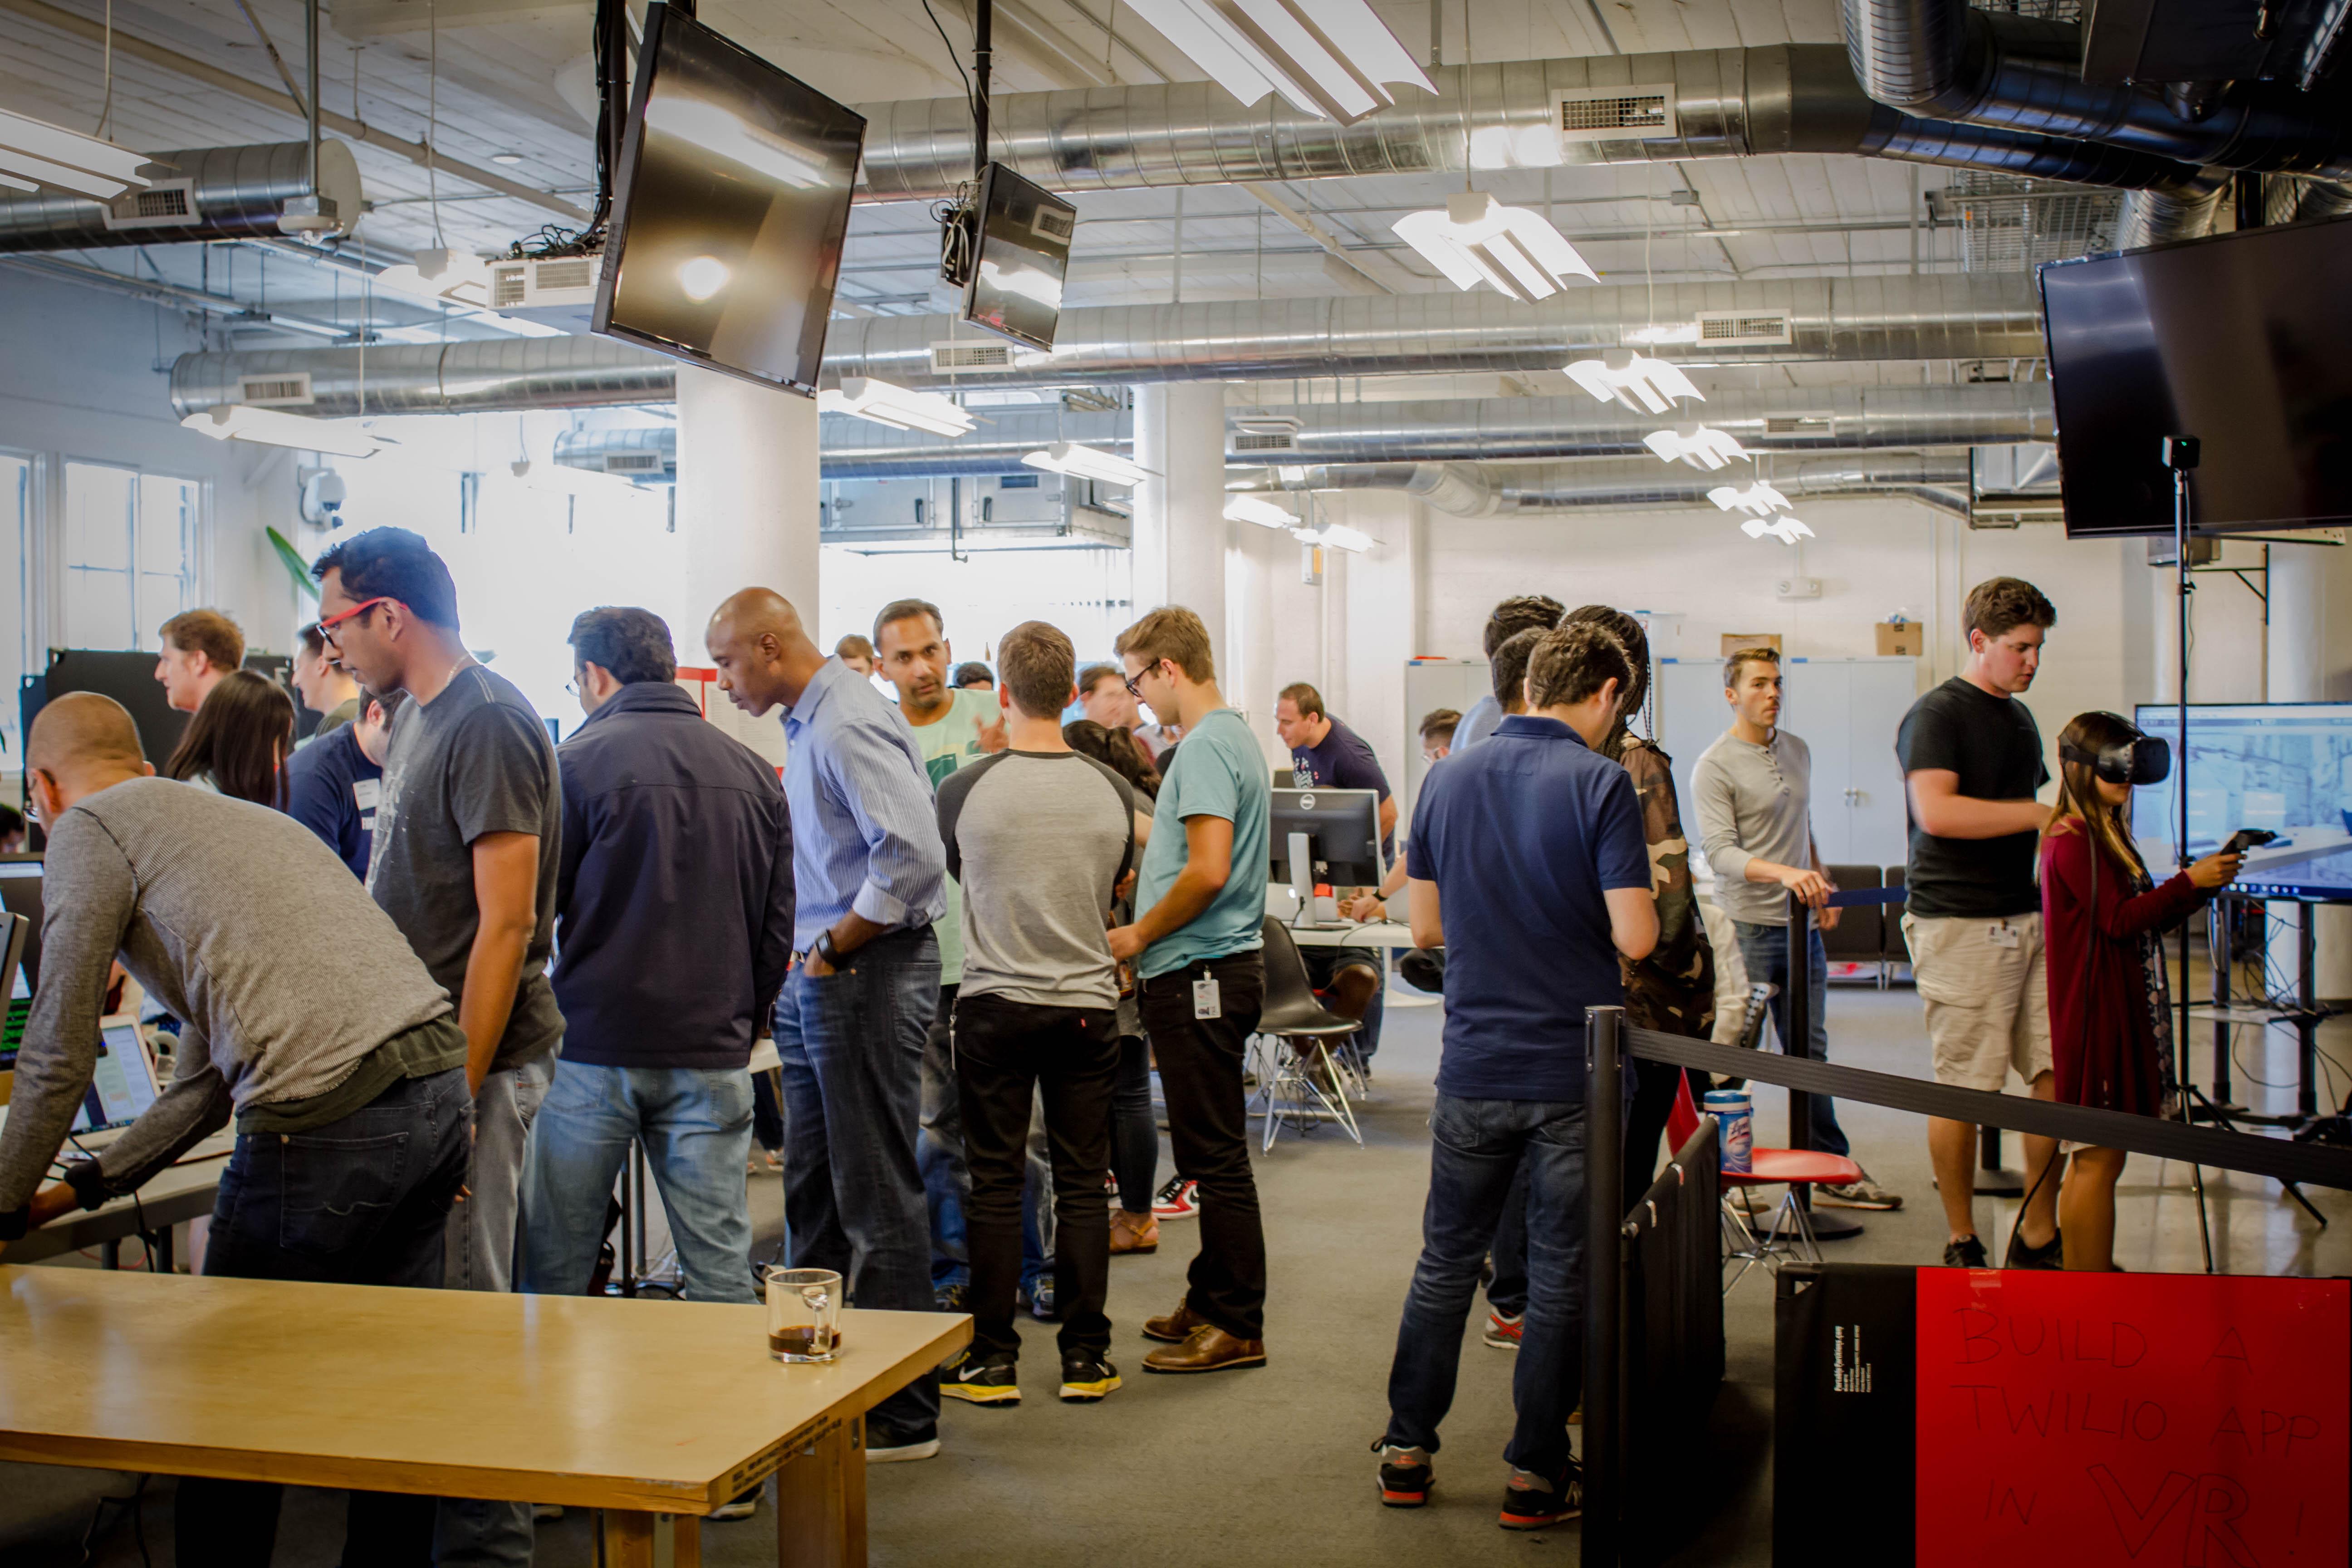 Scenes from Twilio's Tweek hackathon on July 22, 2016.